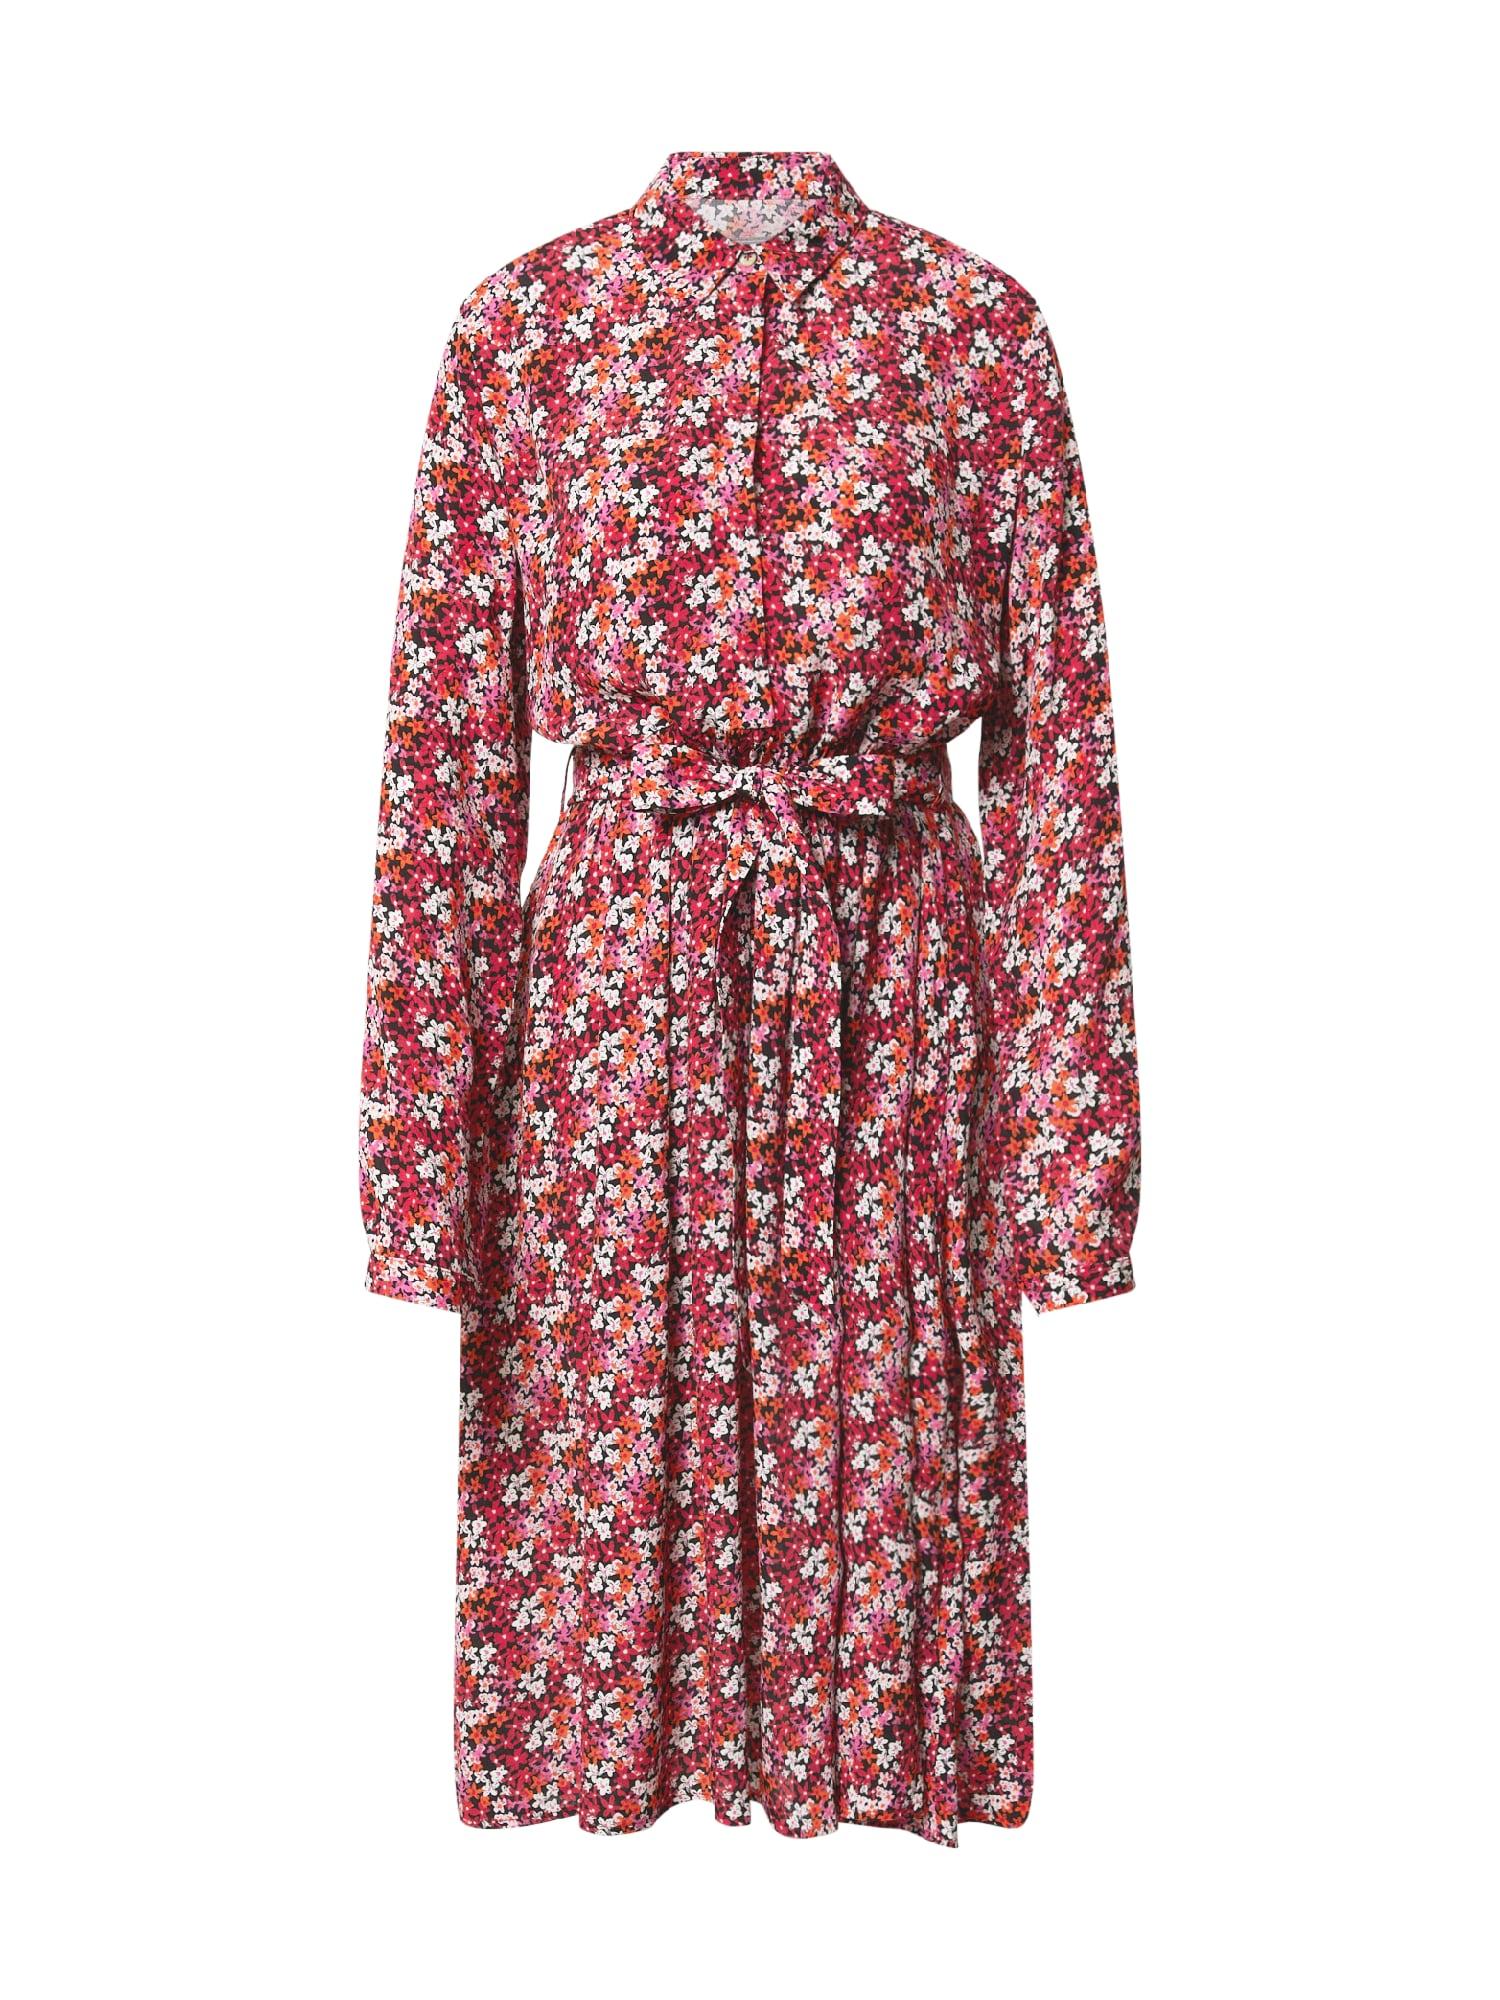 LIEBLINGSSTÜCK Palaidinės tipo suknelė